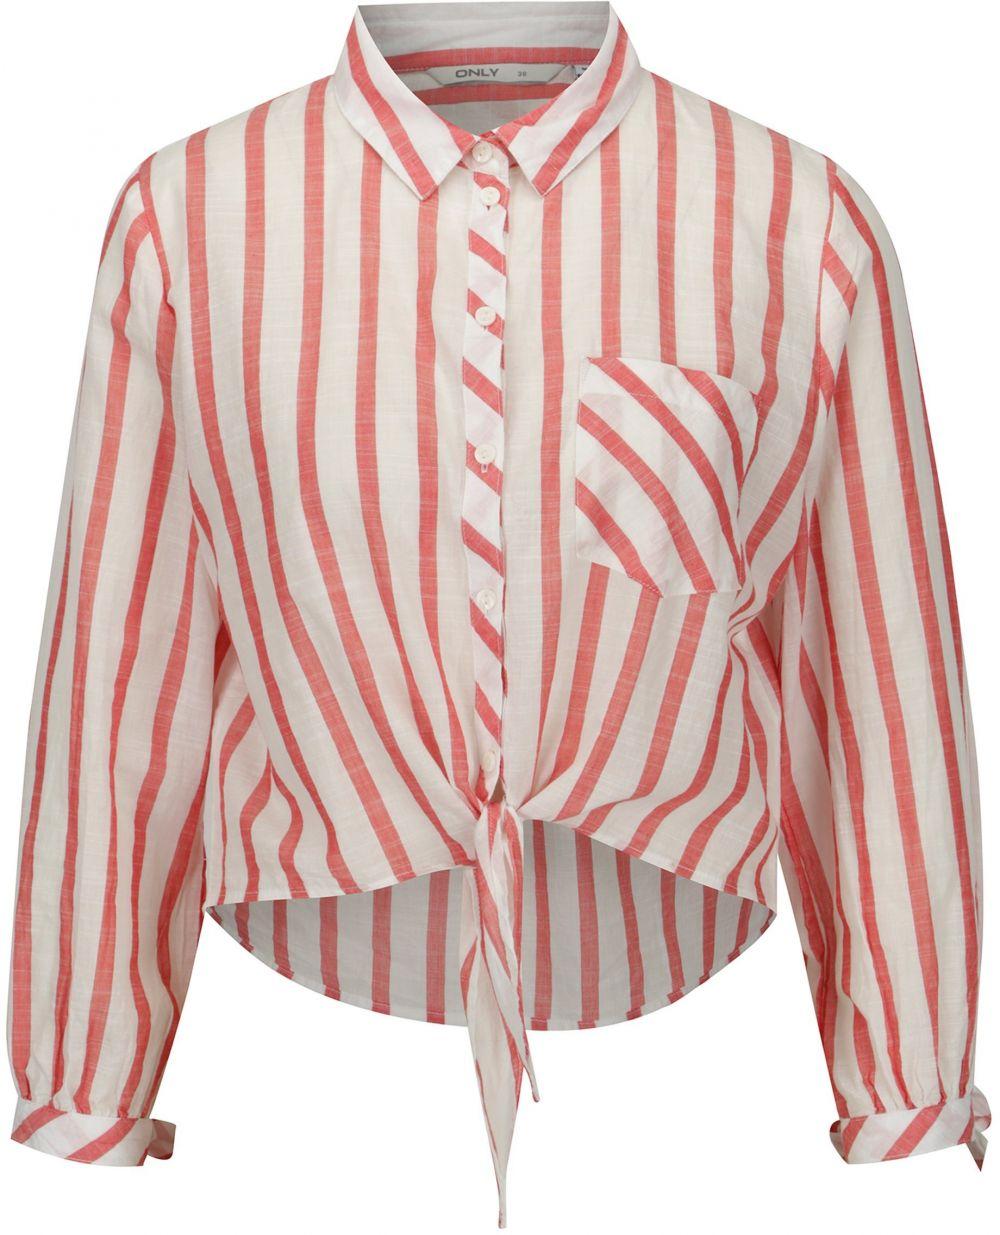 58f34a6a617b Krémovo-červená pruhovaná krátka košeľa ONLY Ameli značky ONLY ...